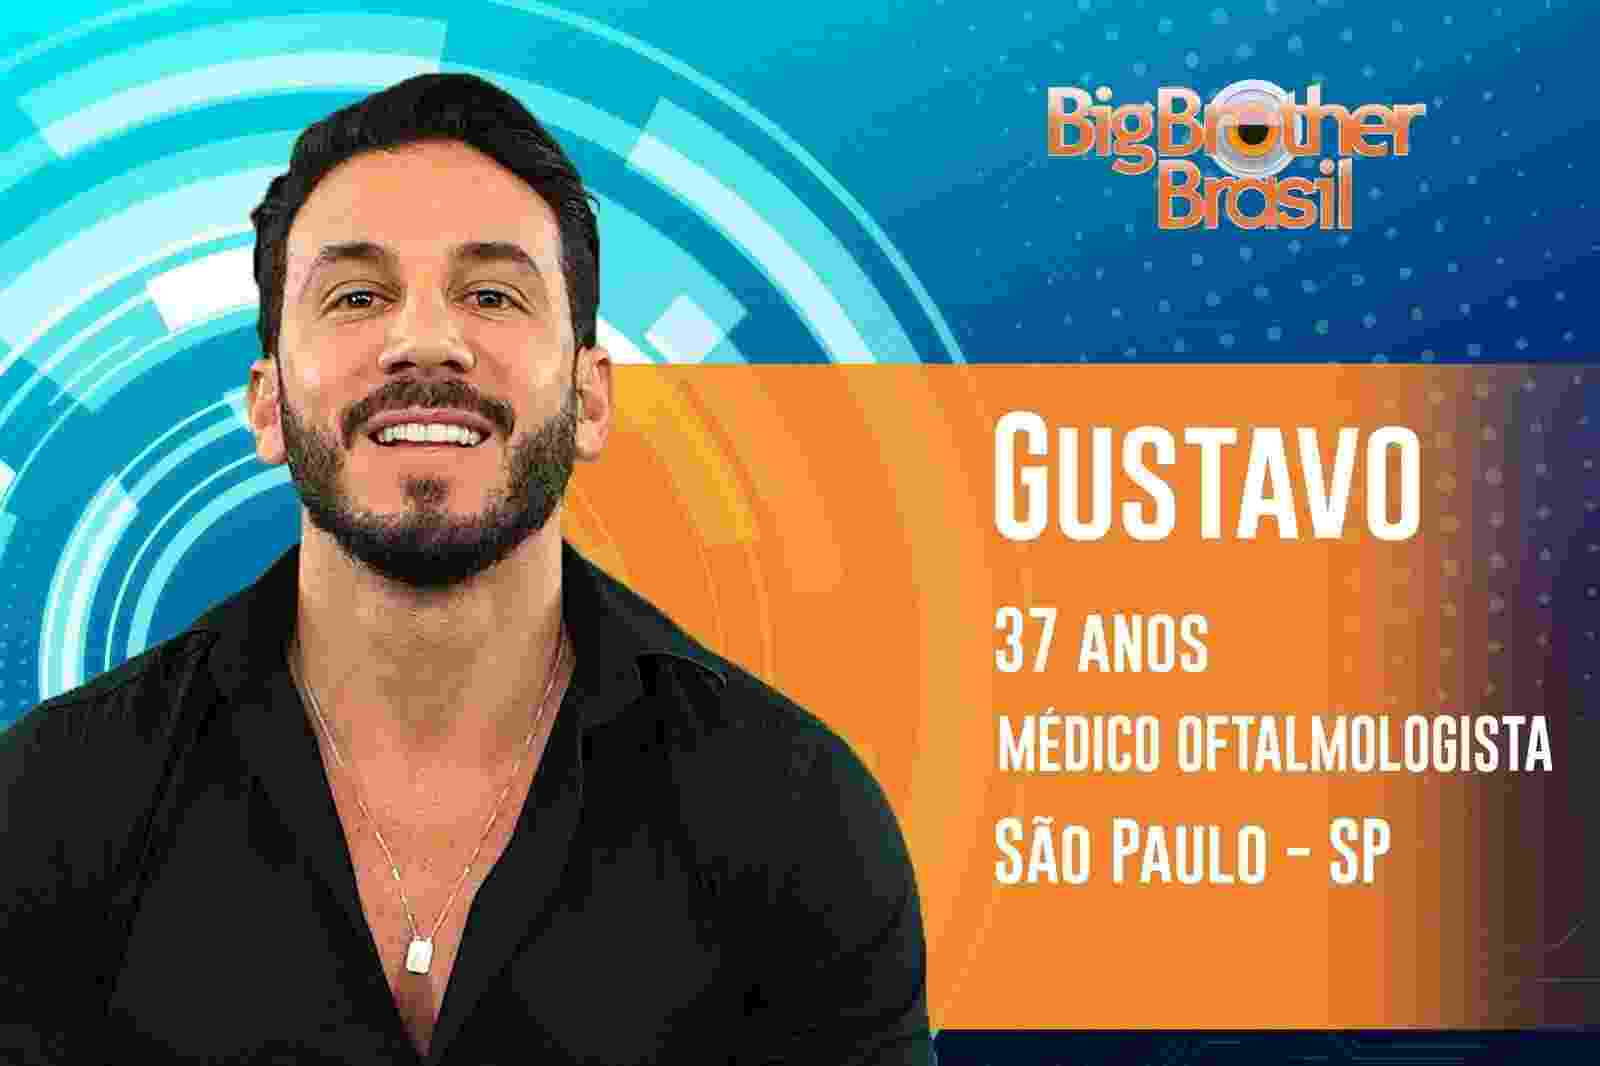 Gustavo é o oitavo participante anunciado do ?BBB19? - Reprodução/TvFamosos